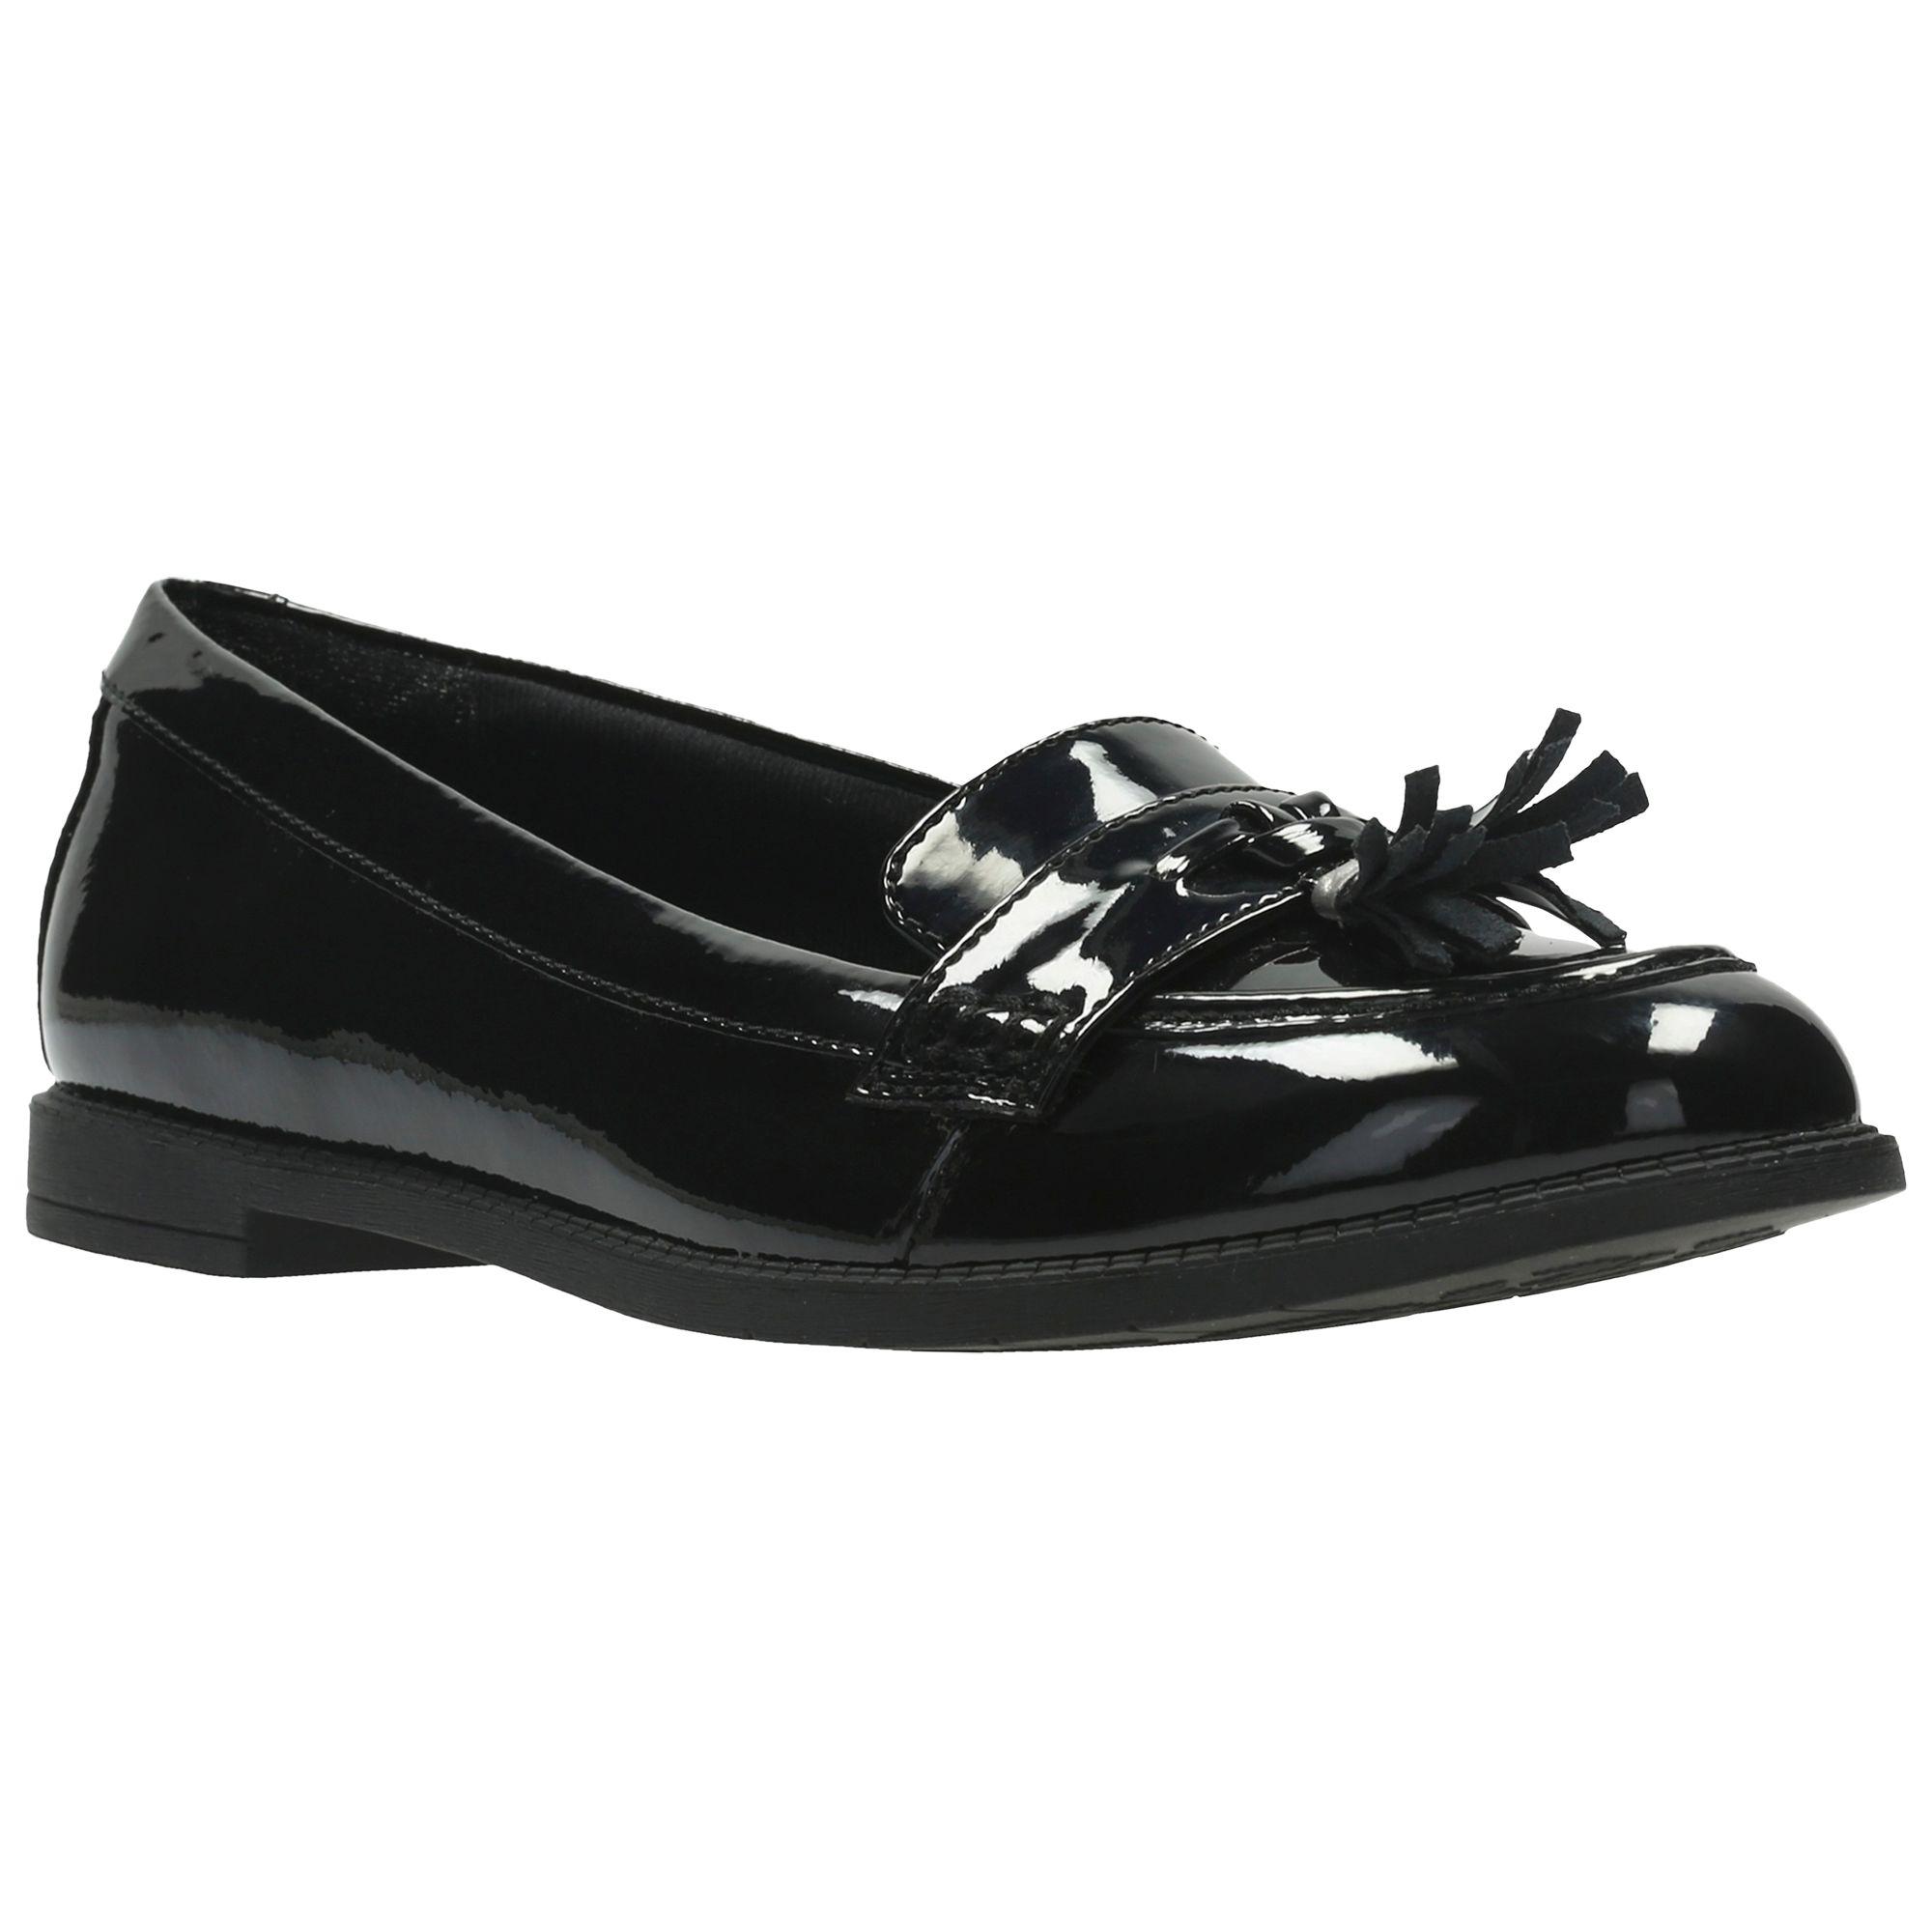 19d371f44aa Clarks Children s Preppy Edge Shoes